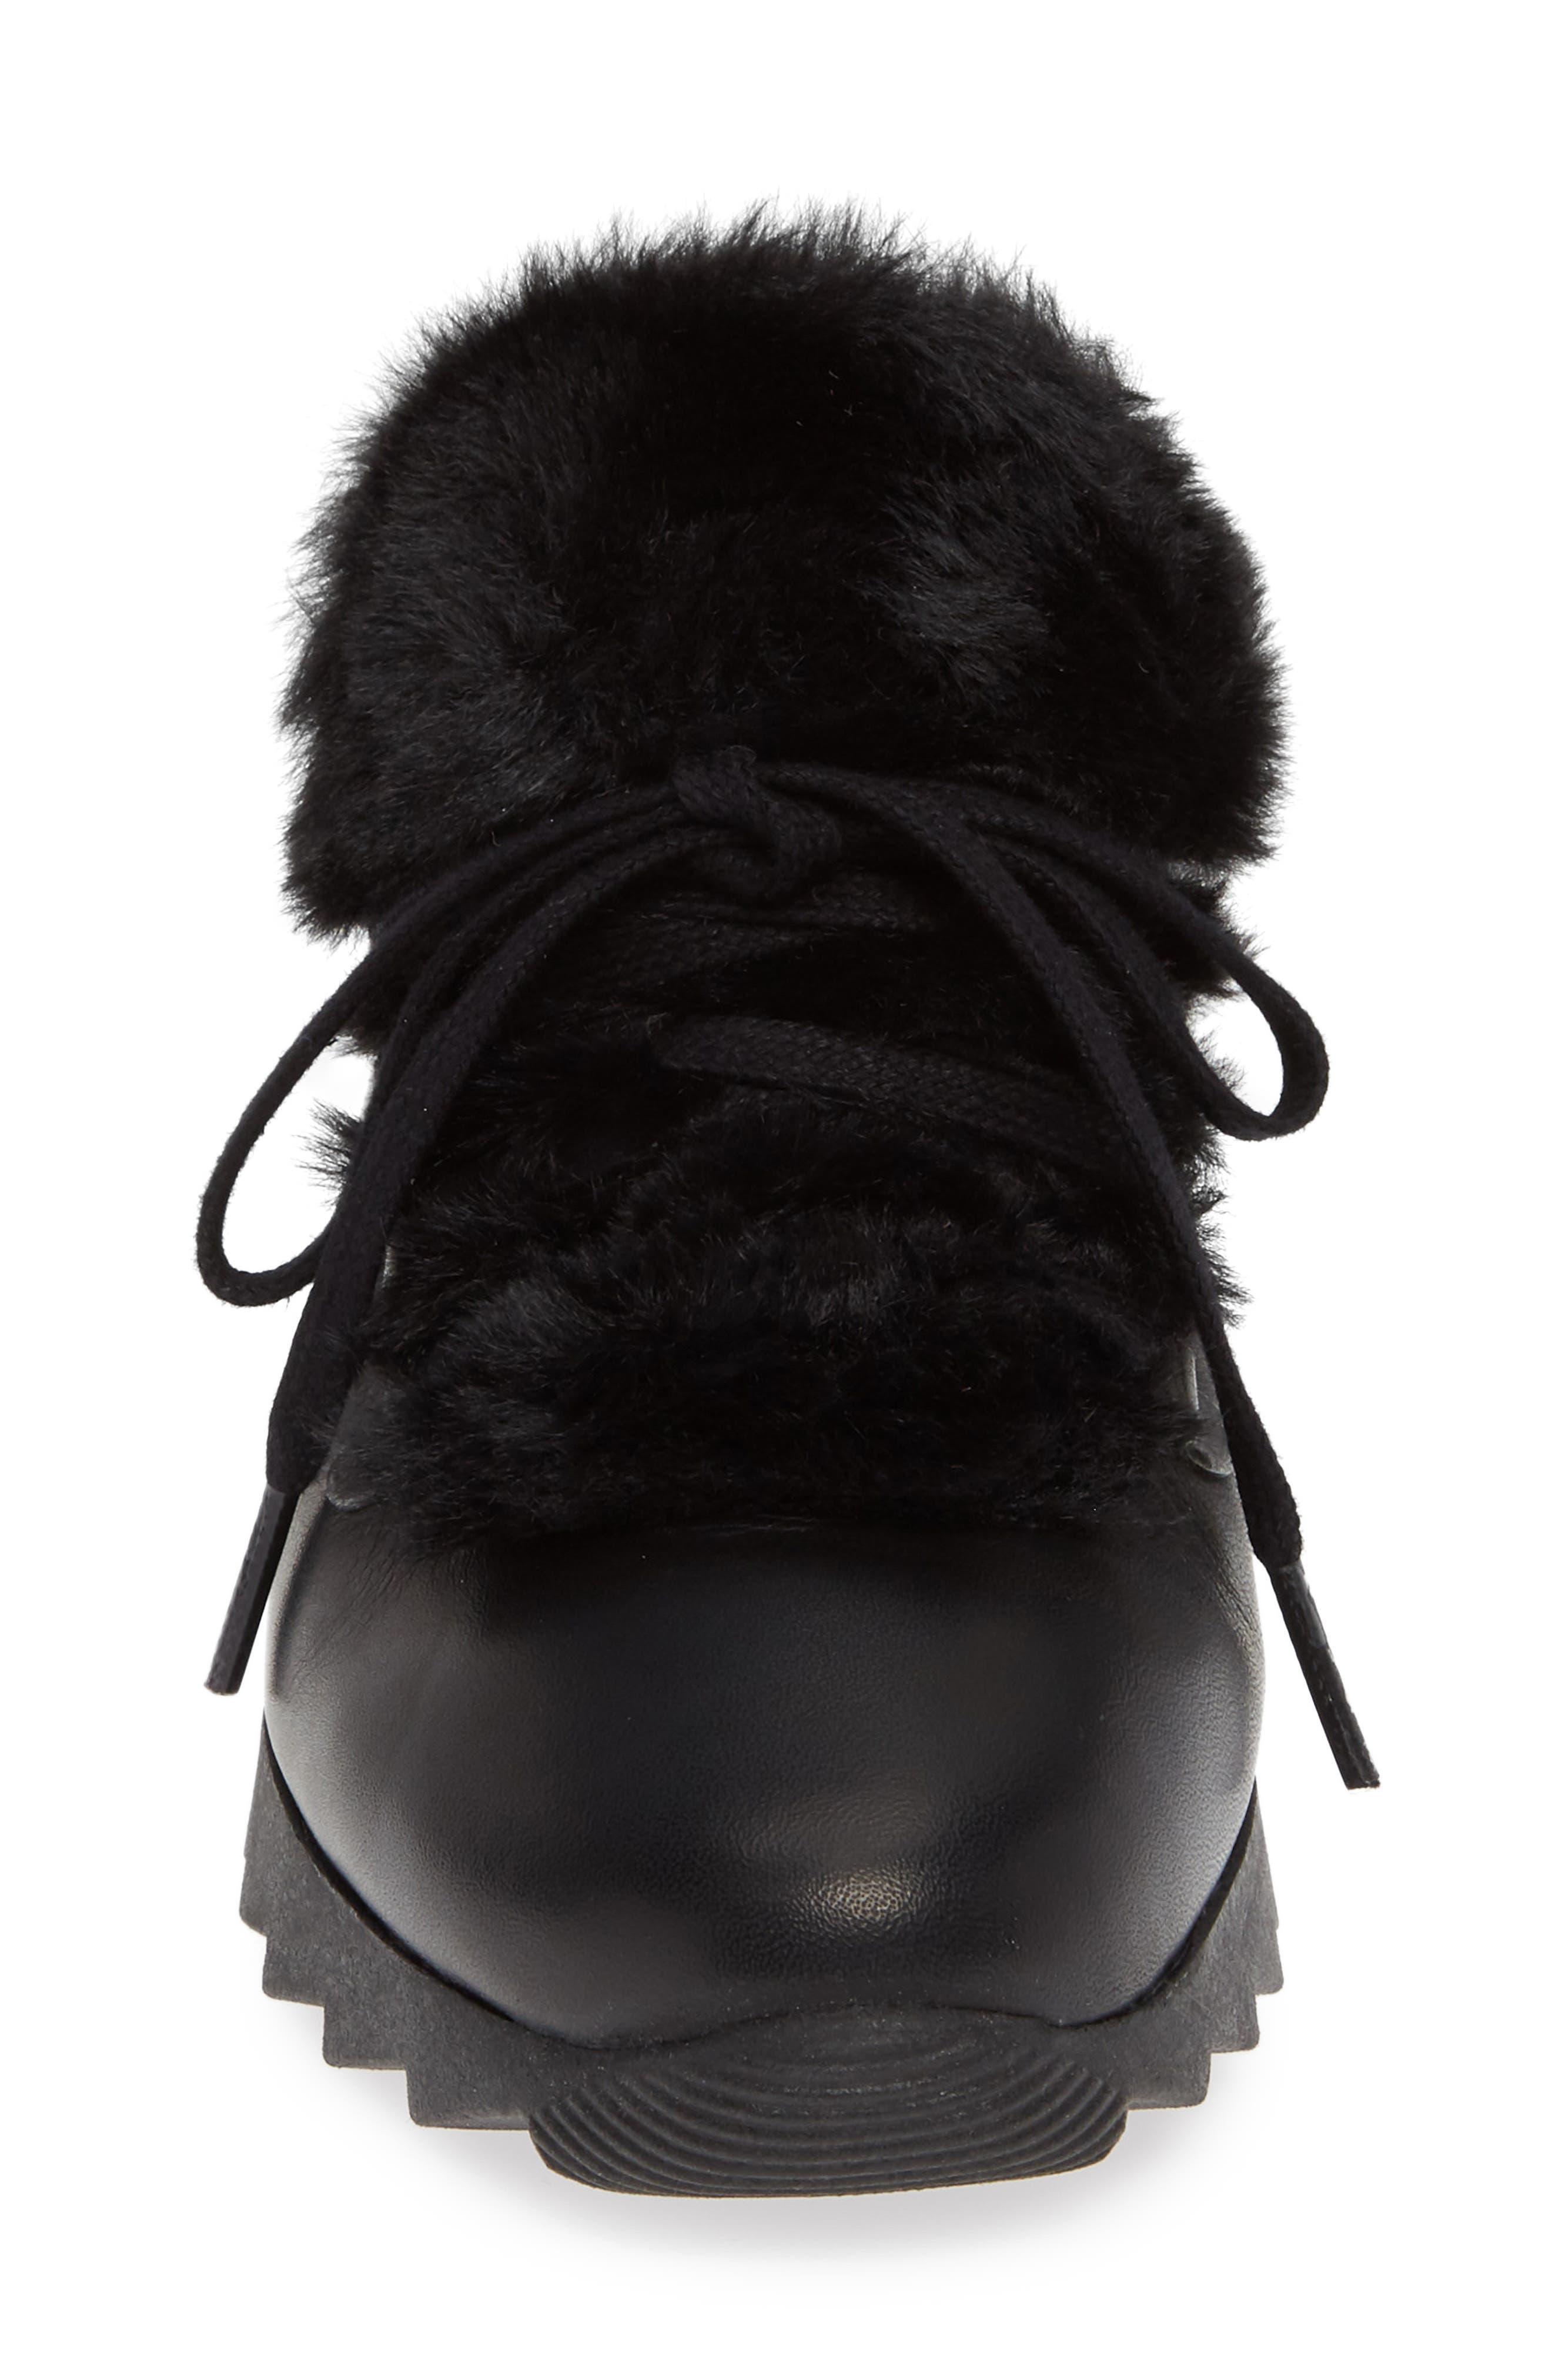 Sadara Wedge Sneaker,                             Alternate thumbnail 4, color,                             SOHO BLACK FAUX FUR